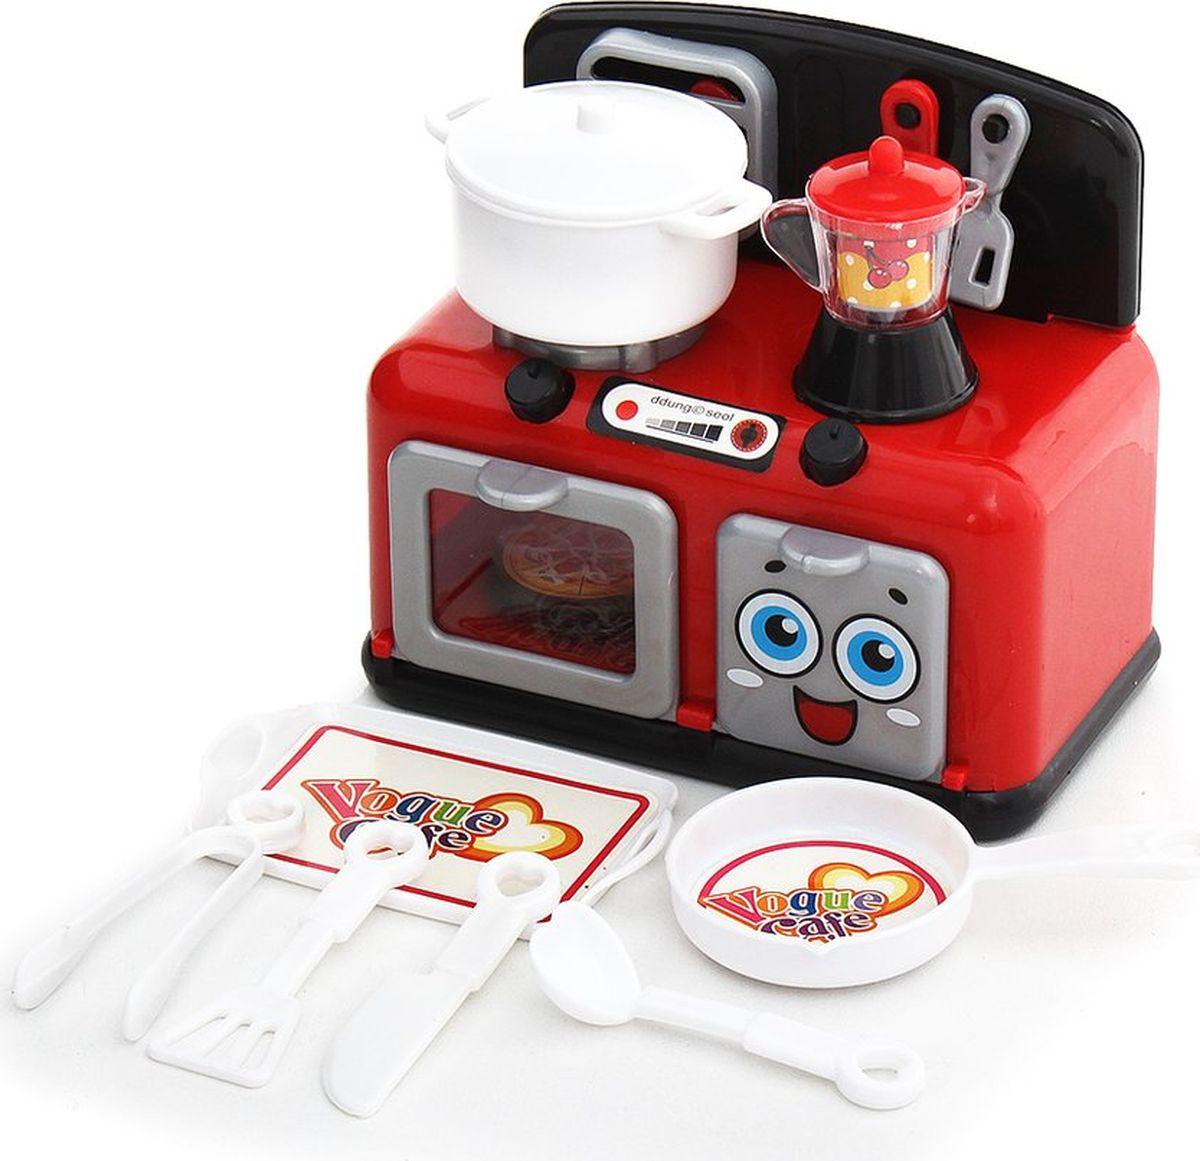 """Сюжетно-ролевые игрушки Fudaer Игровой набор """"Бытовая техника. Кухонная плита с аксессуарами"""" красный"""